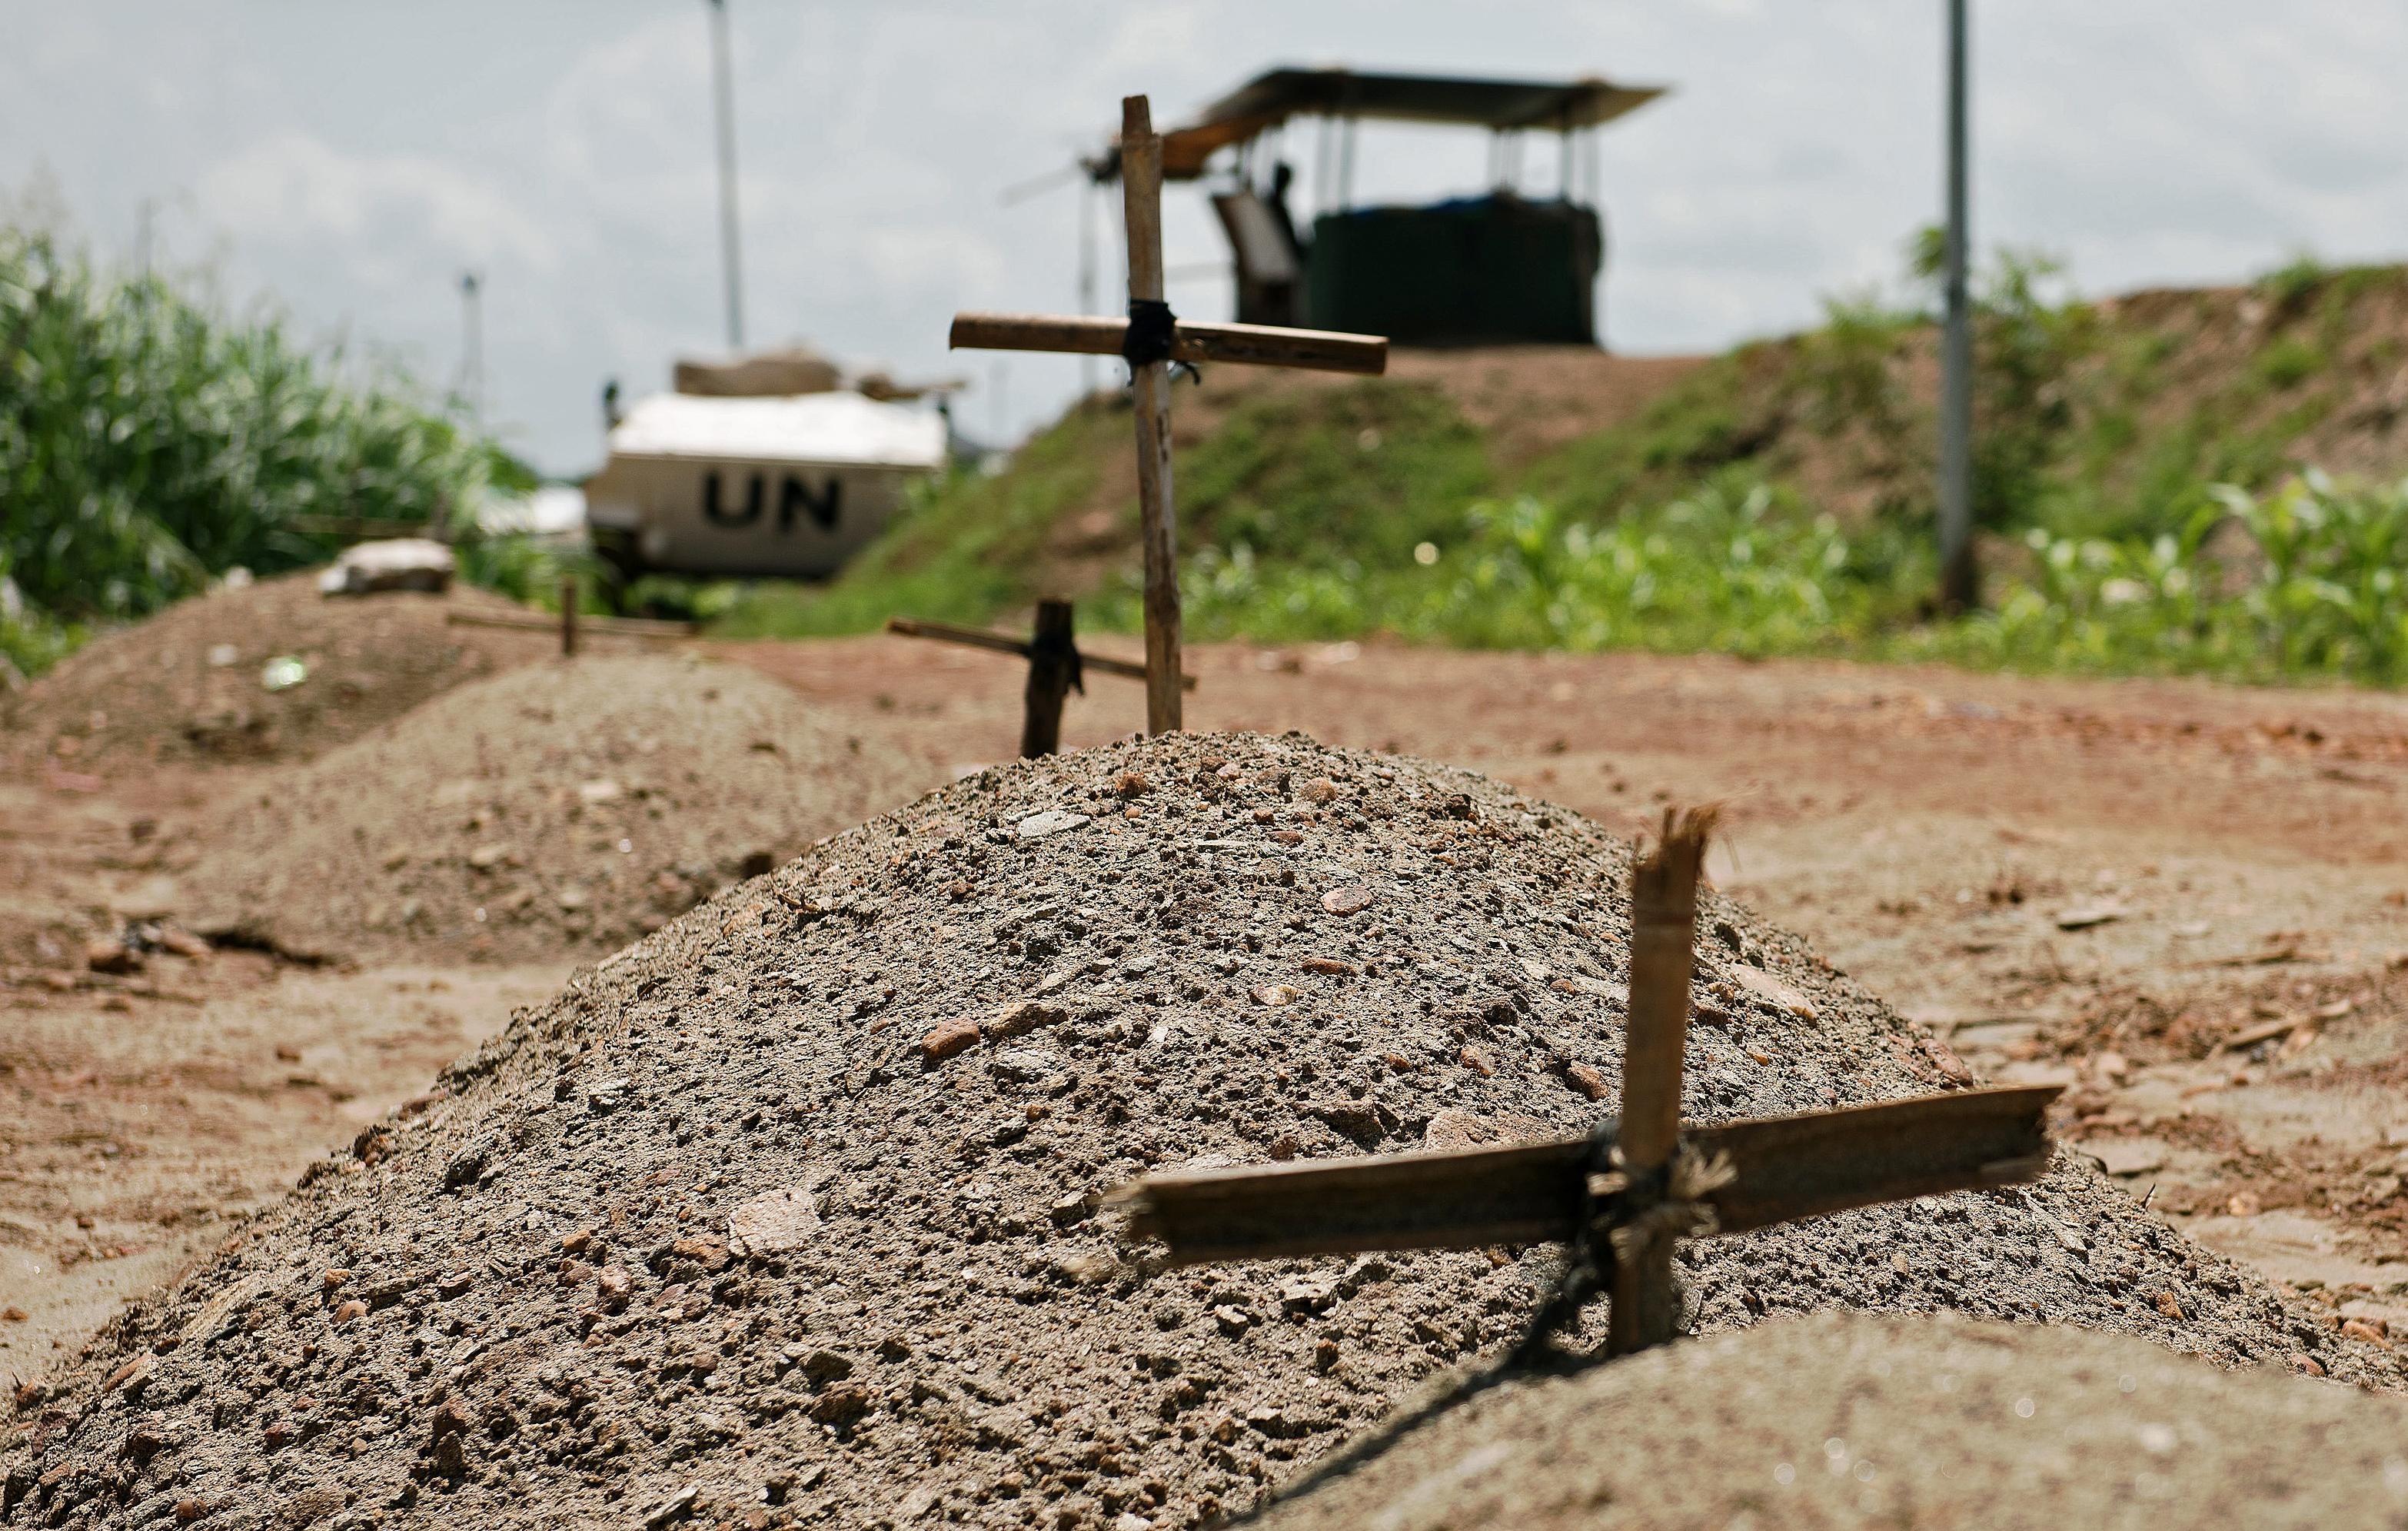 Négy óra leforgása alatt tizenöt dél-szudáni katona erőszakolta meg egy külföldi segélyszervezet munkatársát